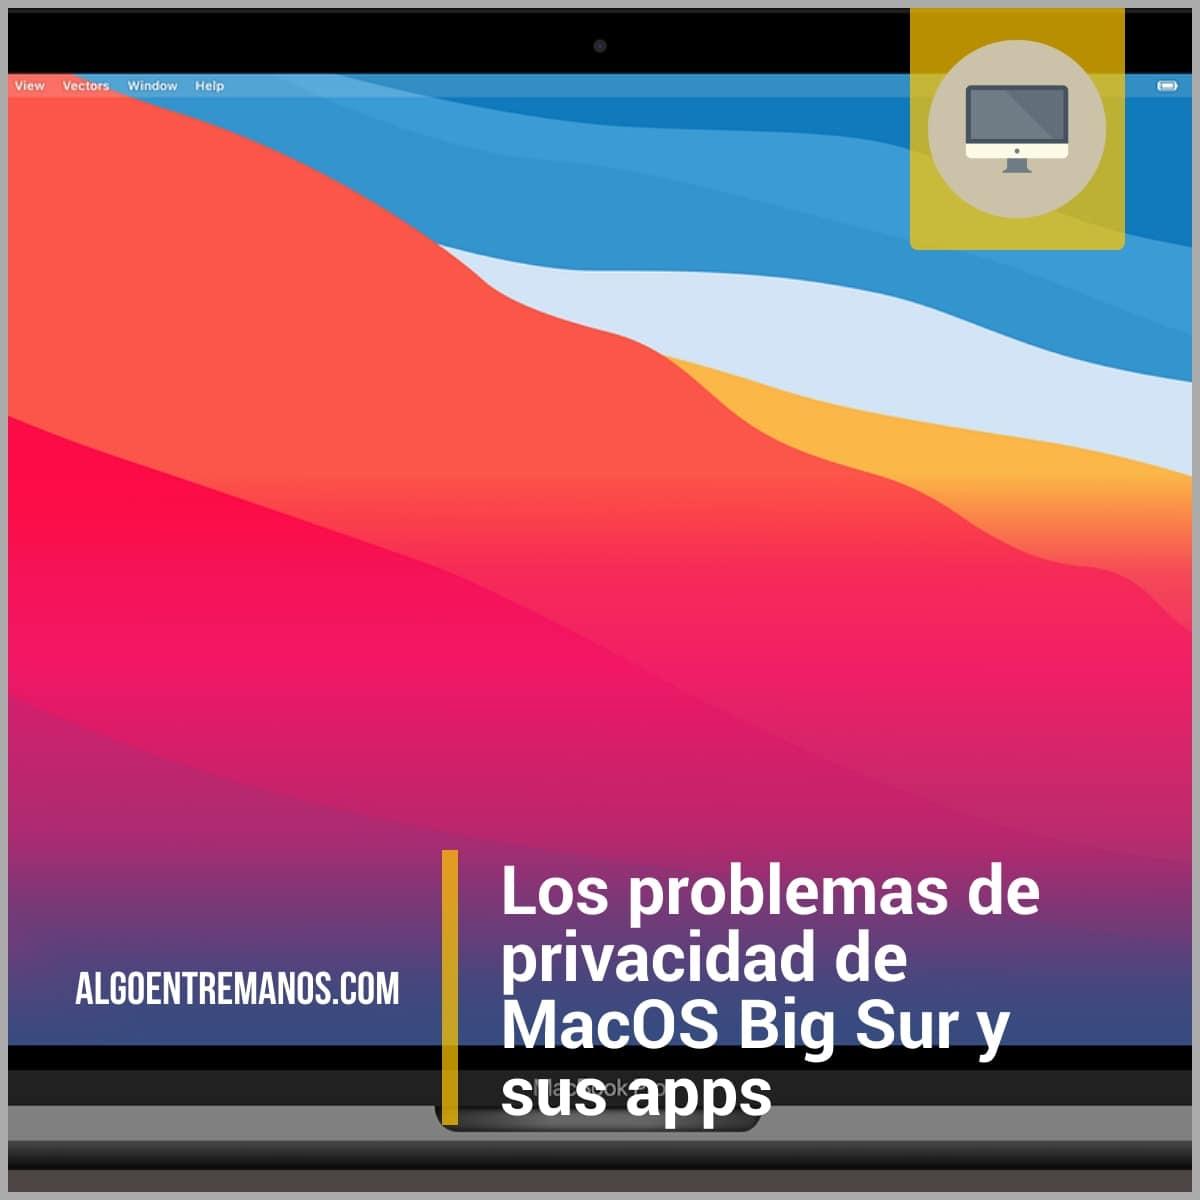 Los problemas de privacidad de MacOS Big Sur y sus apps